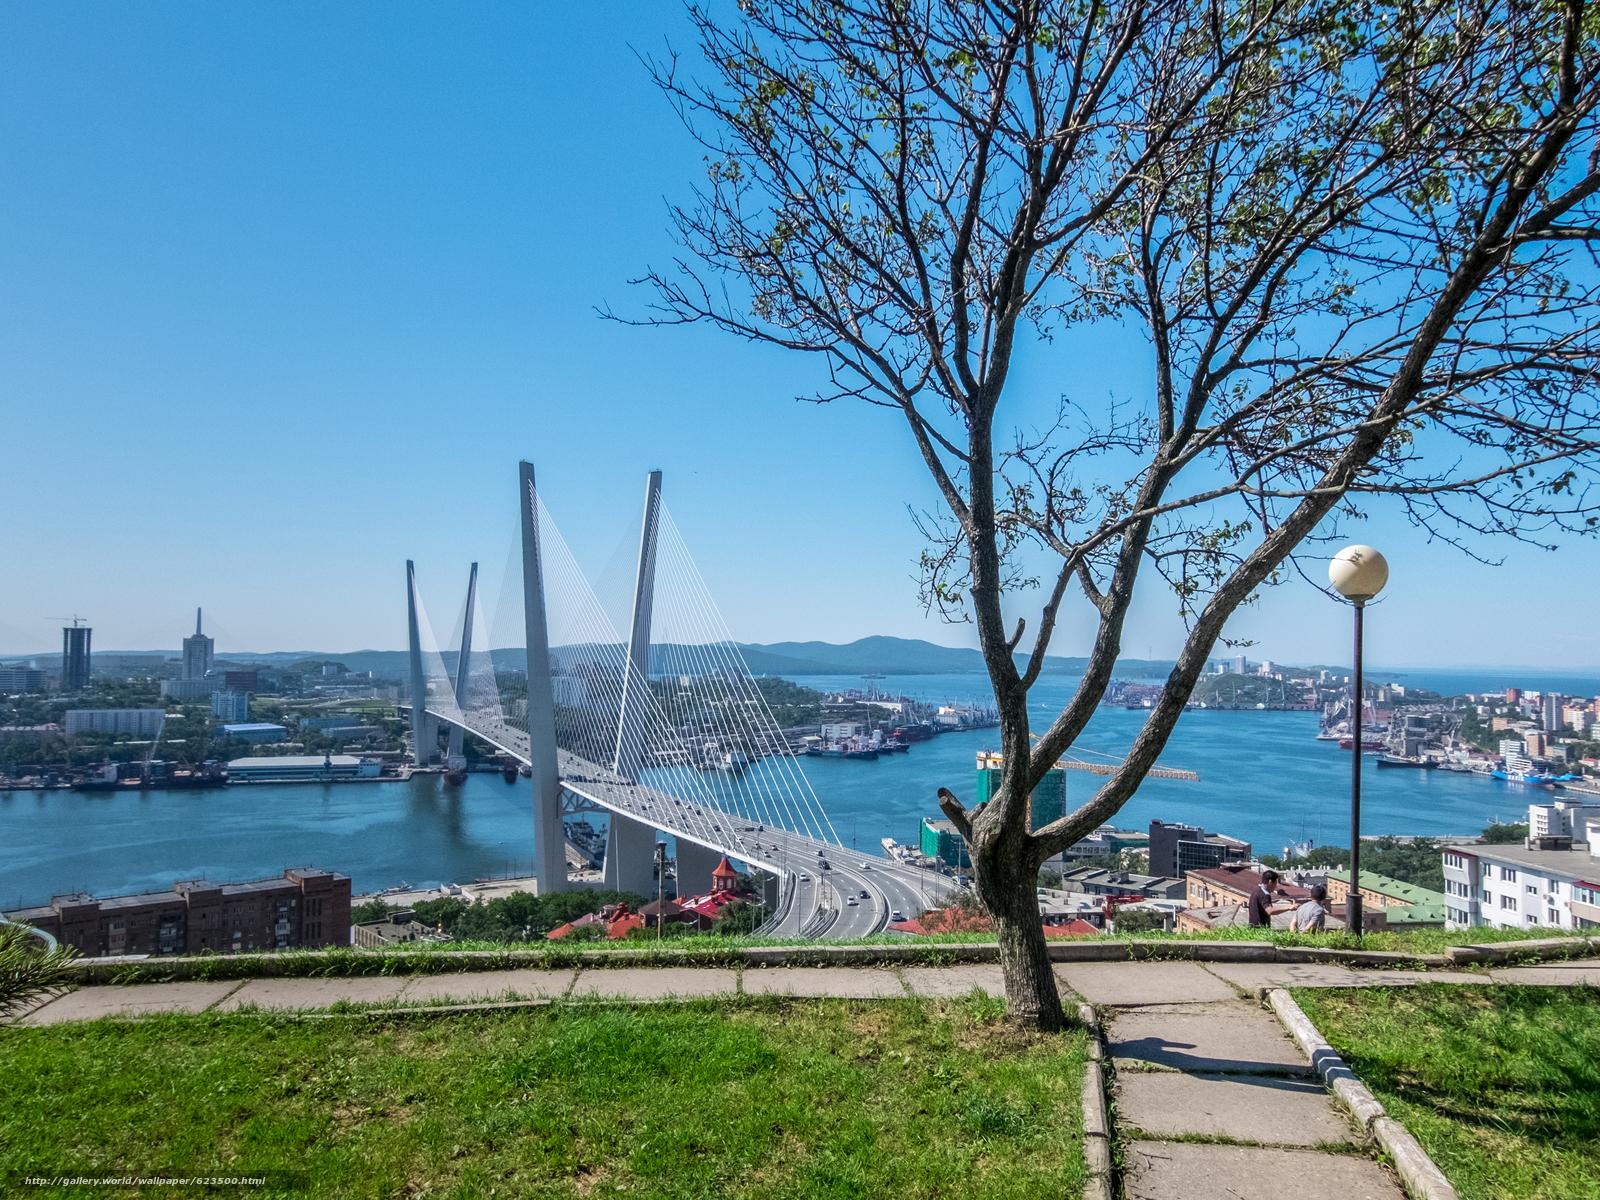 Скачать обои Владивосток,  Россия,  мост,  море бесплатно для рабочего стола в разрешении 3872x2904 — картинка №623500